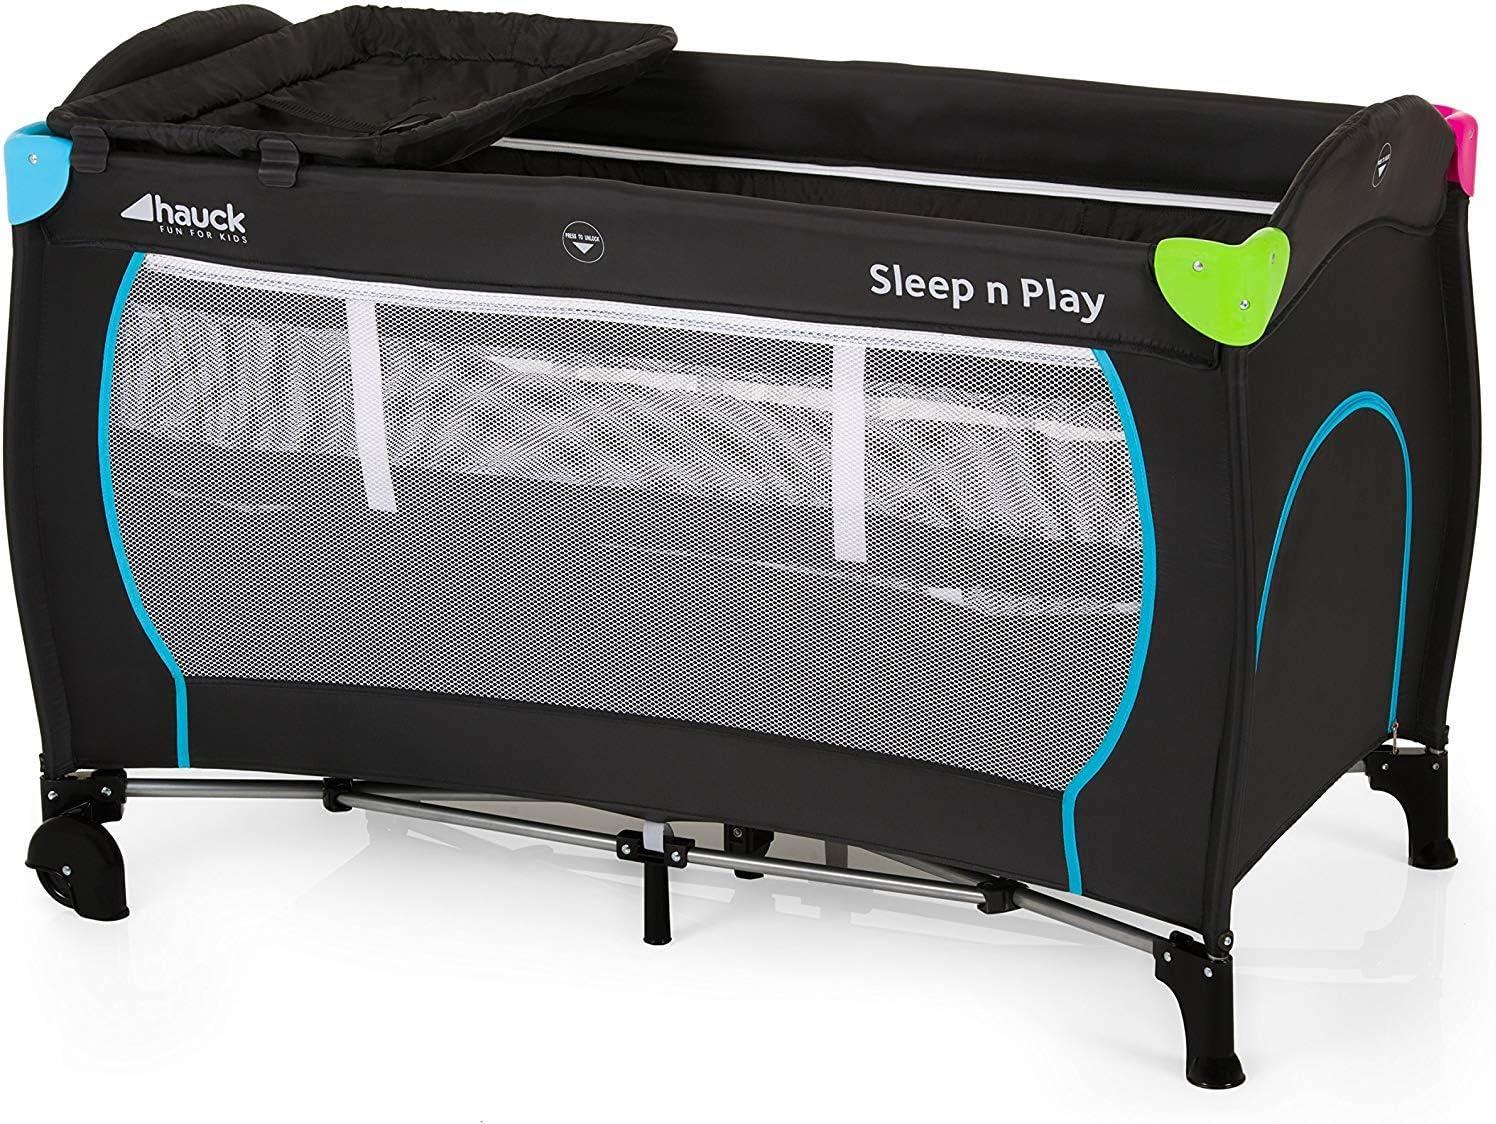 Hauck Sleep N Play Center - Cuna de viaje 7 piezas hasta 15 kg, altura recién nacido, con apertura lateral, ruedas, colchón, cambiador bebe, bolsa de transporte, plegable y regulable, negro